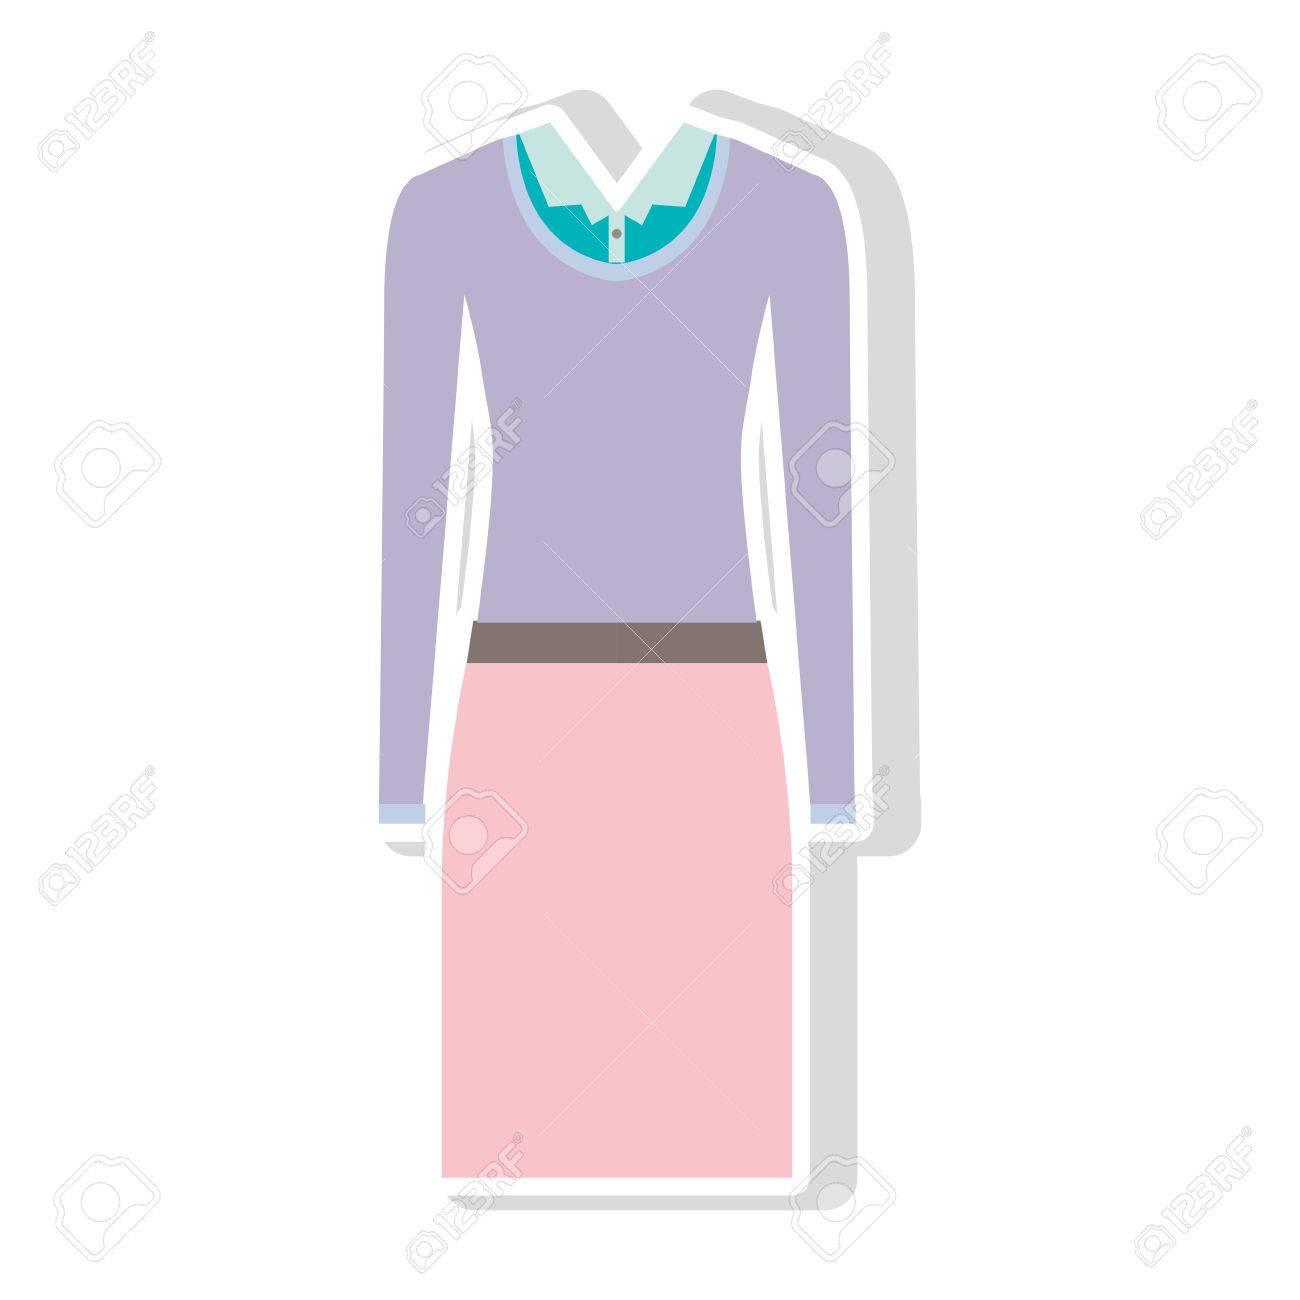 Falda de color rosa y blusa azul con el suéter púrpura. proyecto ejecutivo ropa de mujer. ilustración vectorial